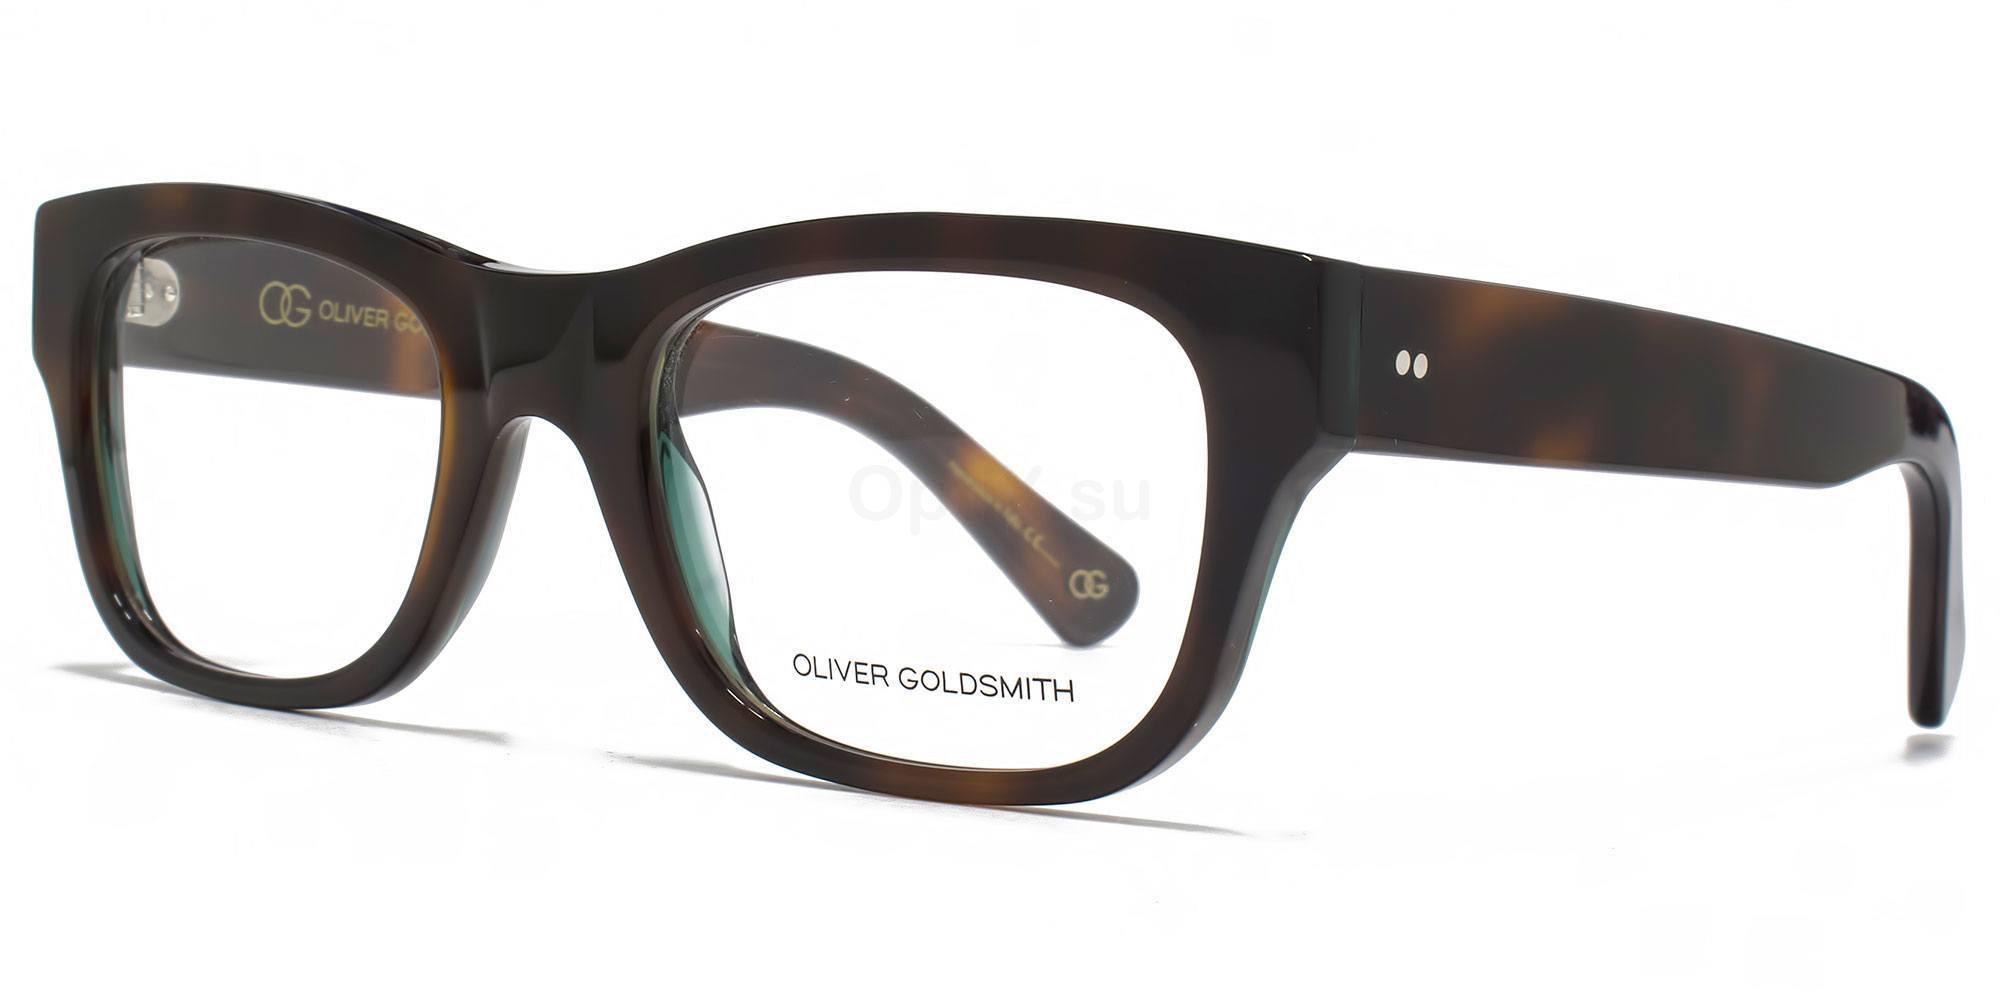 01 OLI011 - PRESIDENT , Oliver Goldsmith